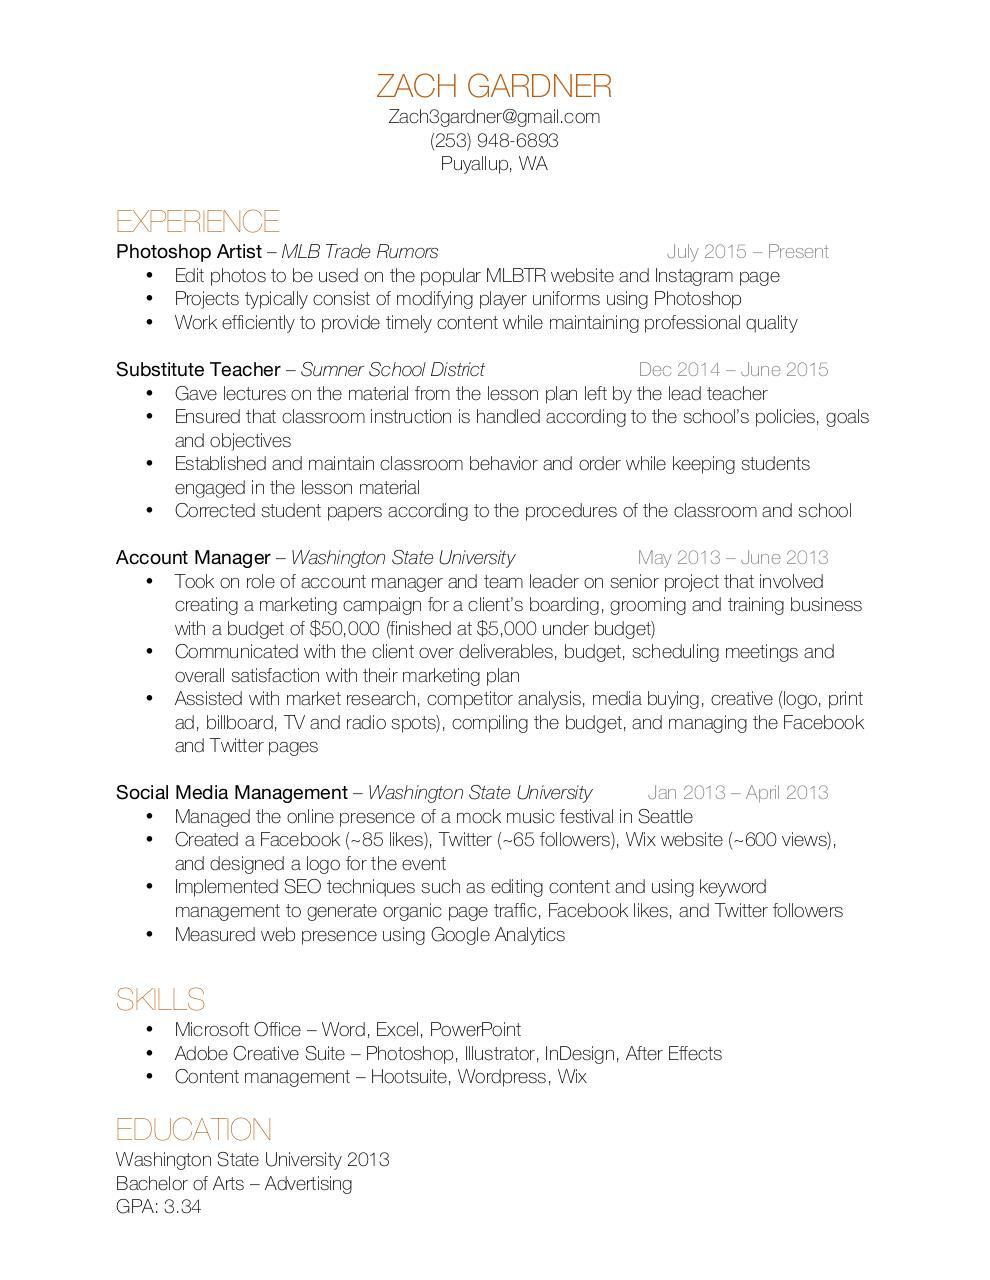 Cute Boganmeldelse Af 1 2 3 Nu Images - Entry Level Resume Templates ...